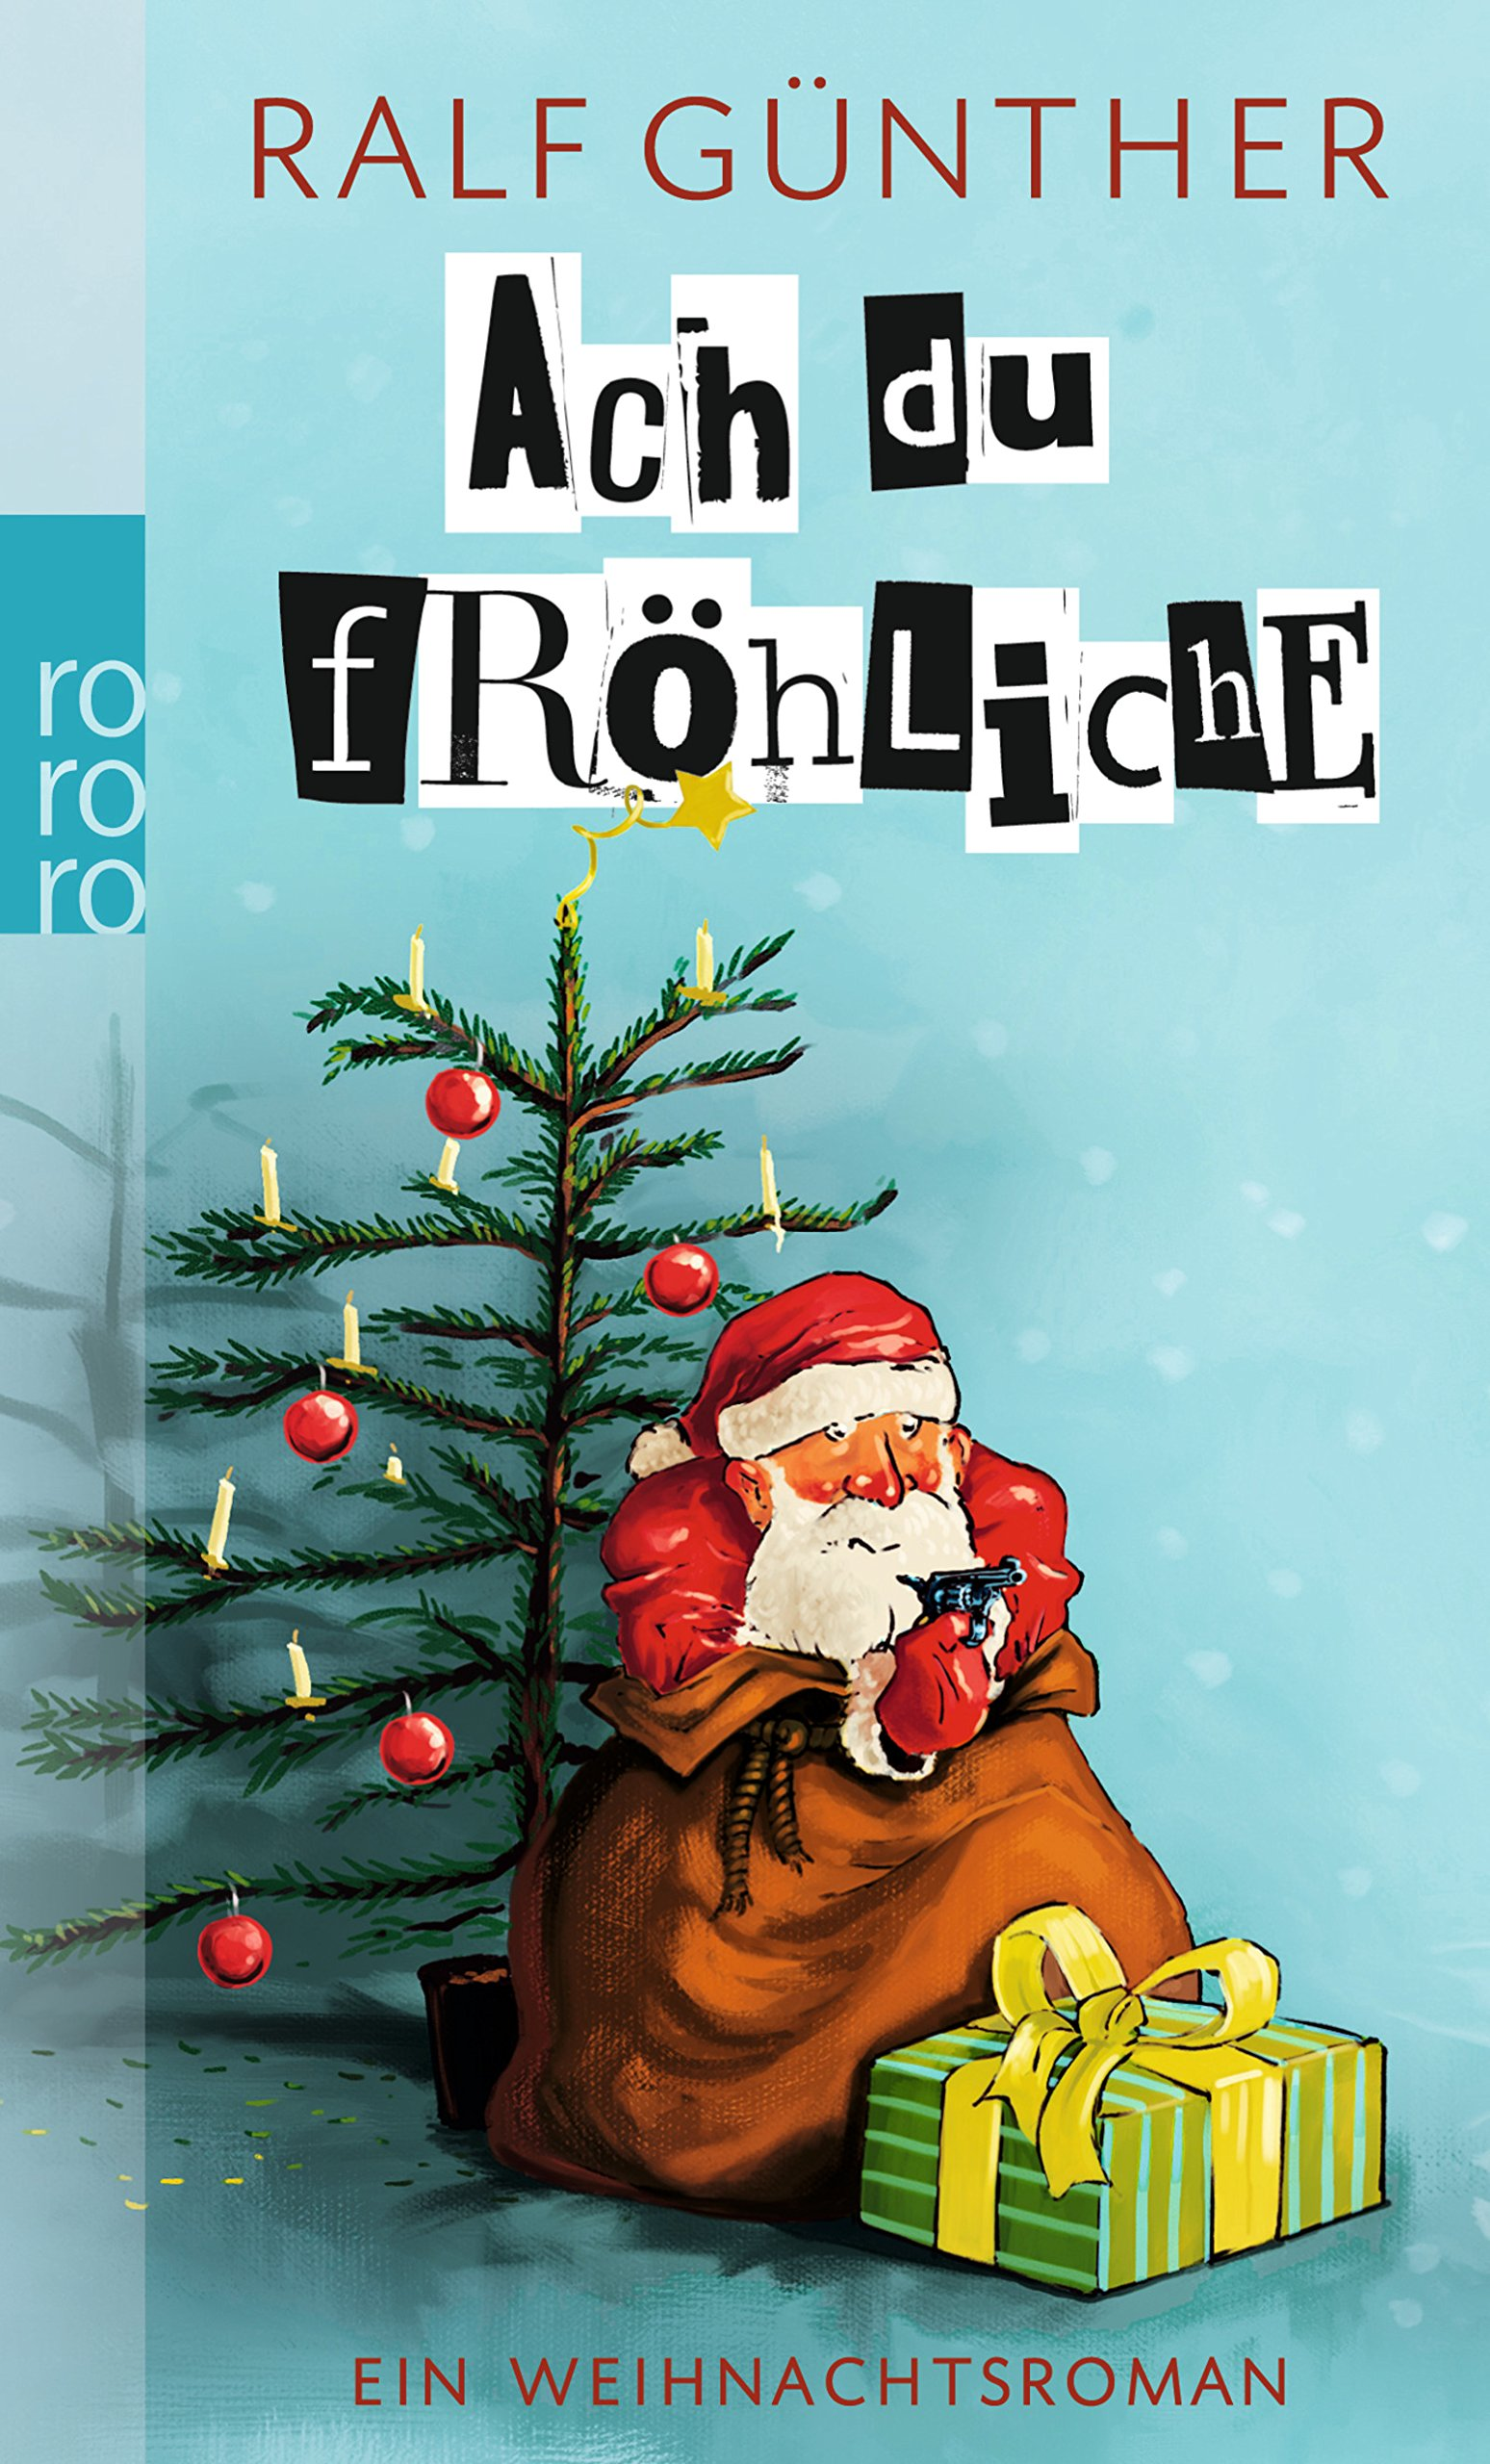 Ach du fröhliche: Ein Weihnachtsroman: Amazon.de: Ralf Günther: Bücher